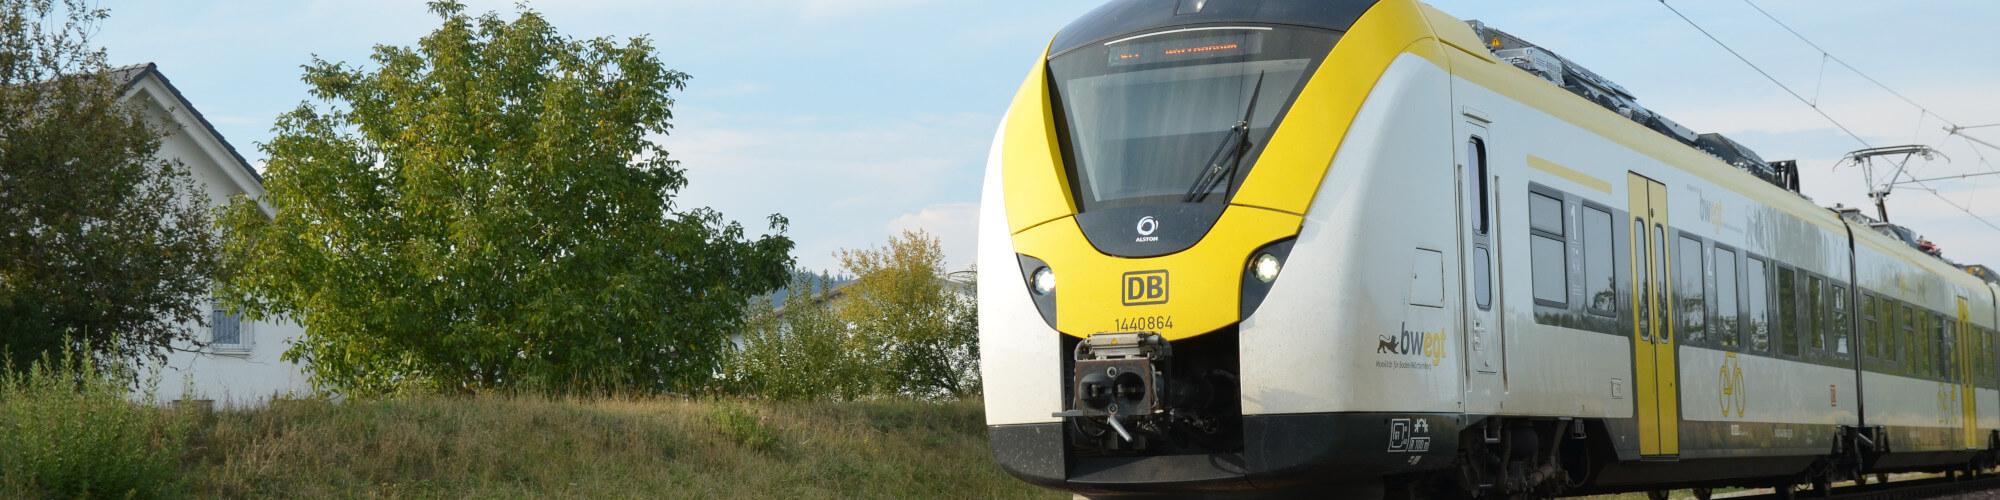 Kaiserstuhl S-Bahn